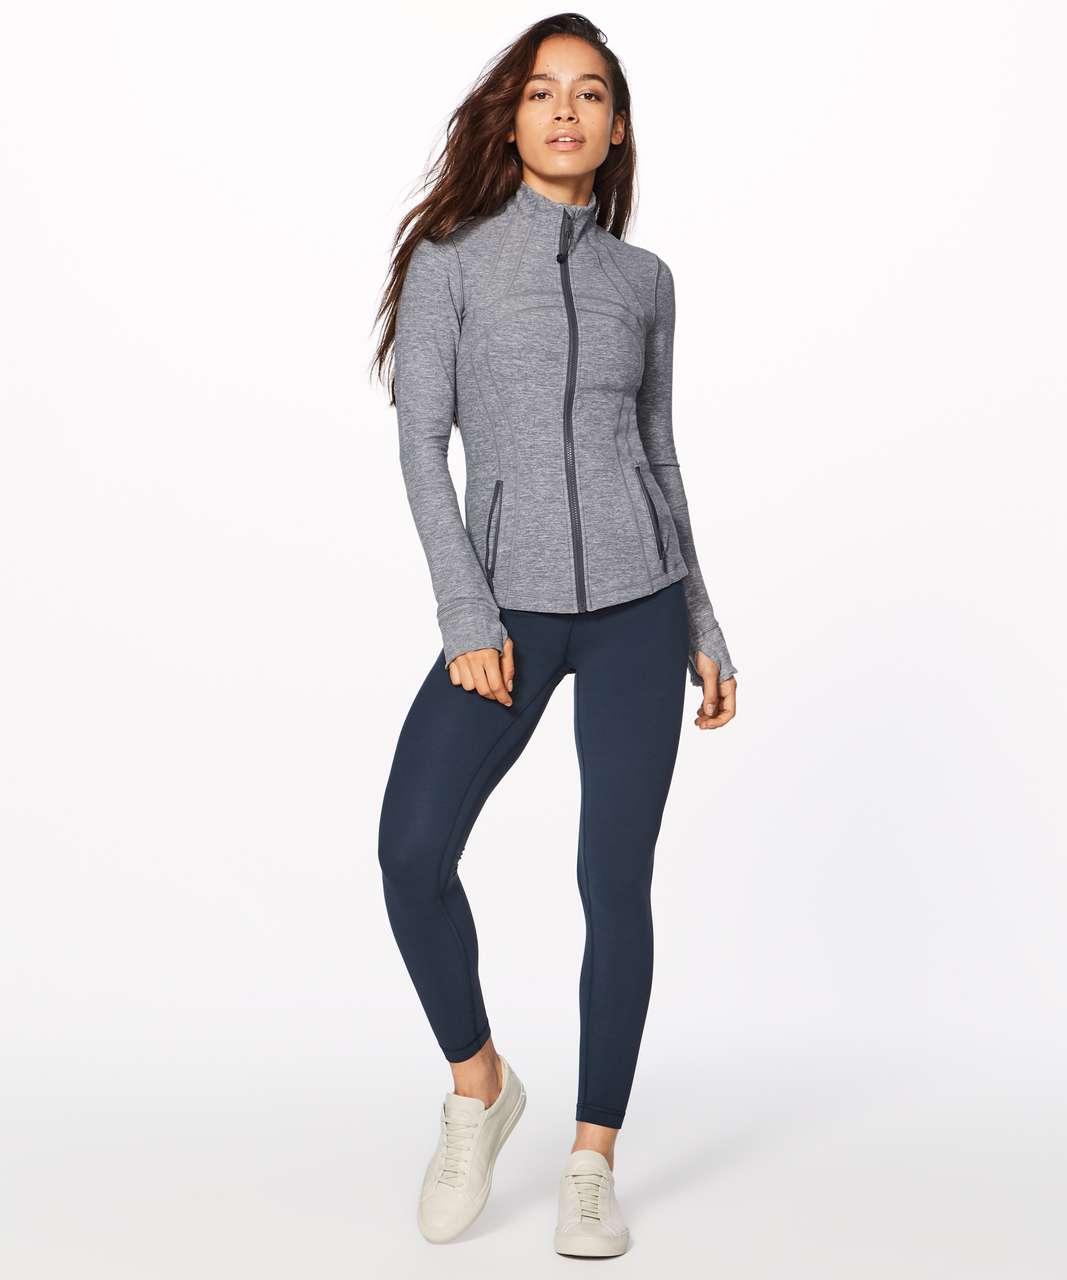 Lululemon Define Jacket (Rulu) - Heathered Slate